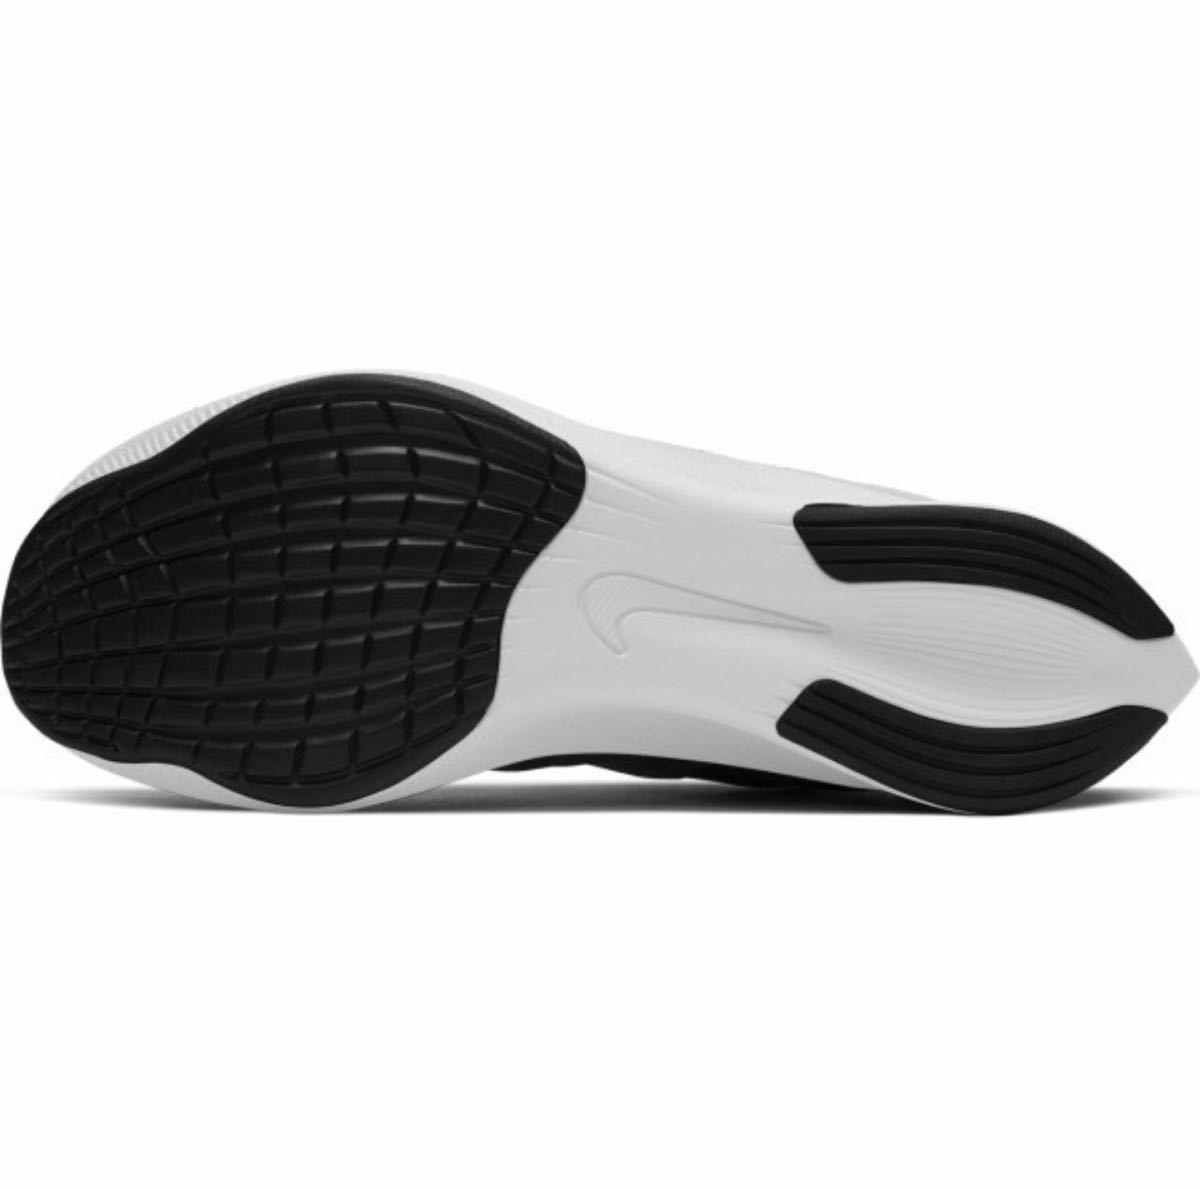 国内正規品 新品ナイキズームフライ3 メンズ 陸上 厚底 ランニングシューズ ブラック×ホワイトNIKE 25.0〜28.5cm